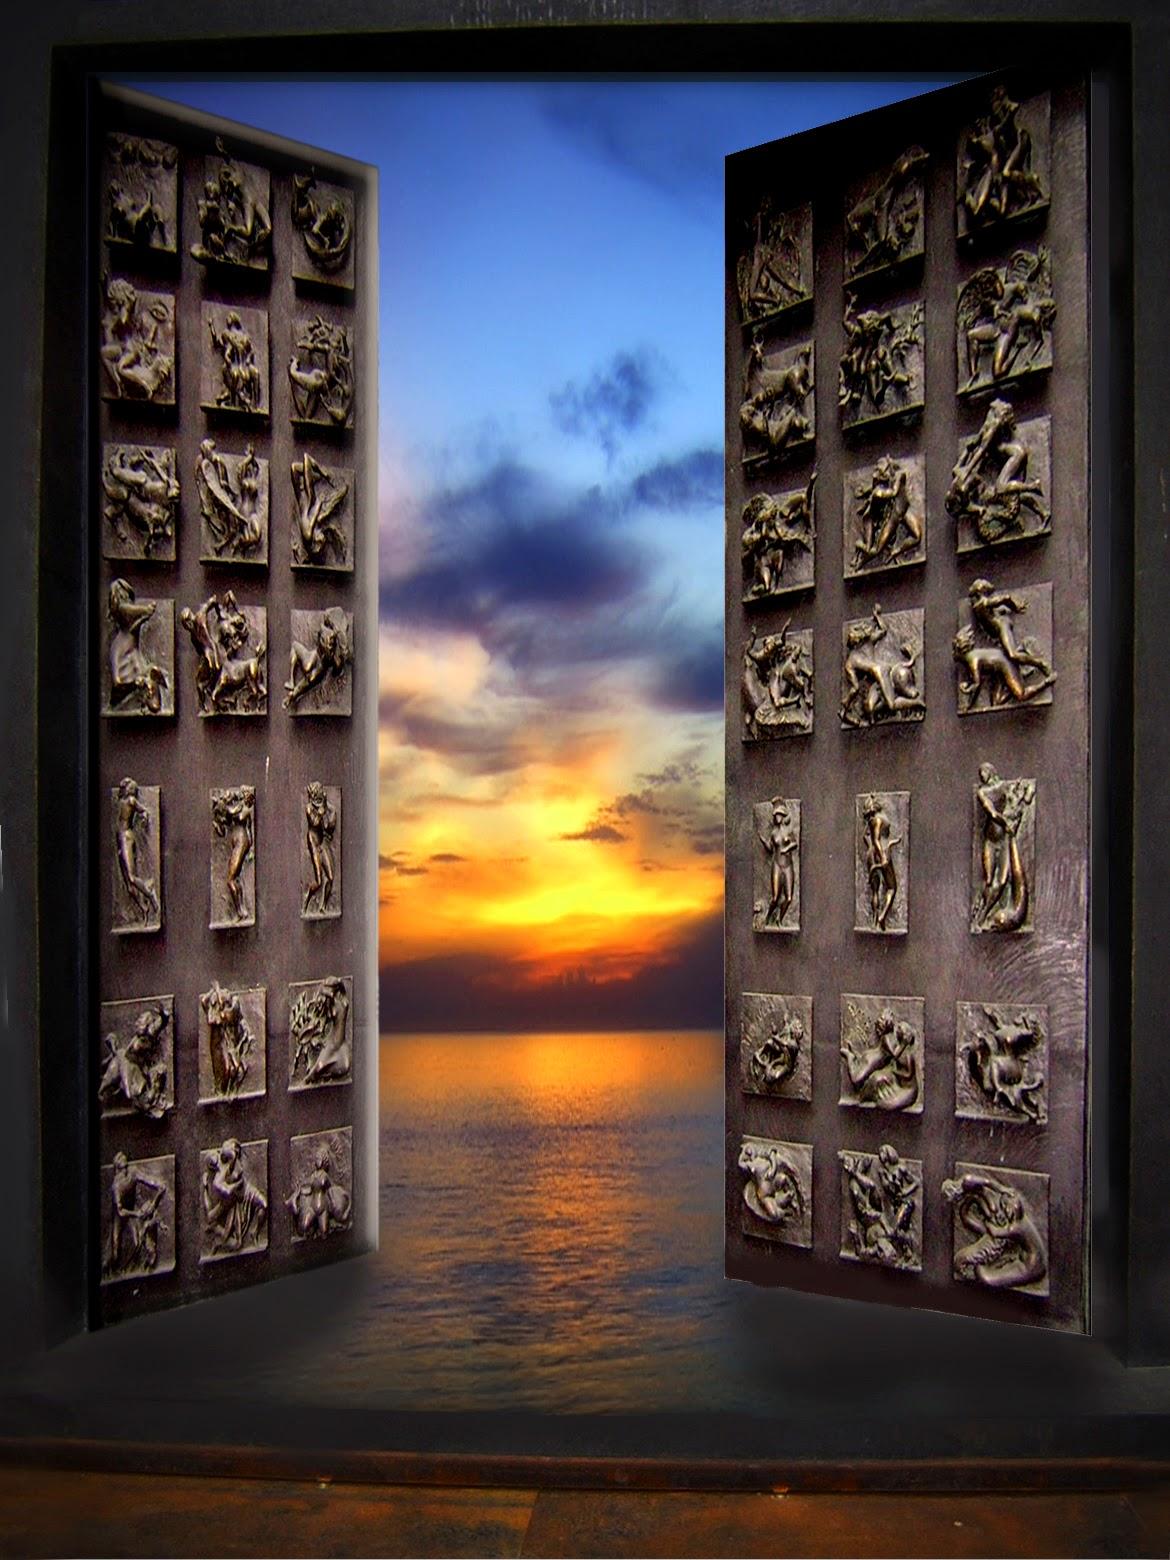 El rinc n del anacoreta puertas abiertas for Imagenes de puertas viejas